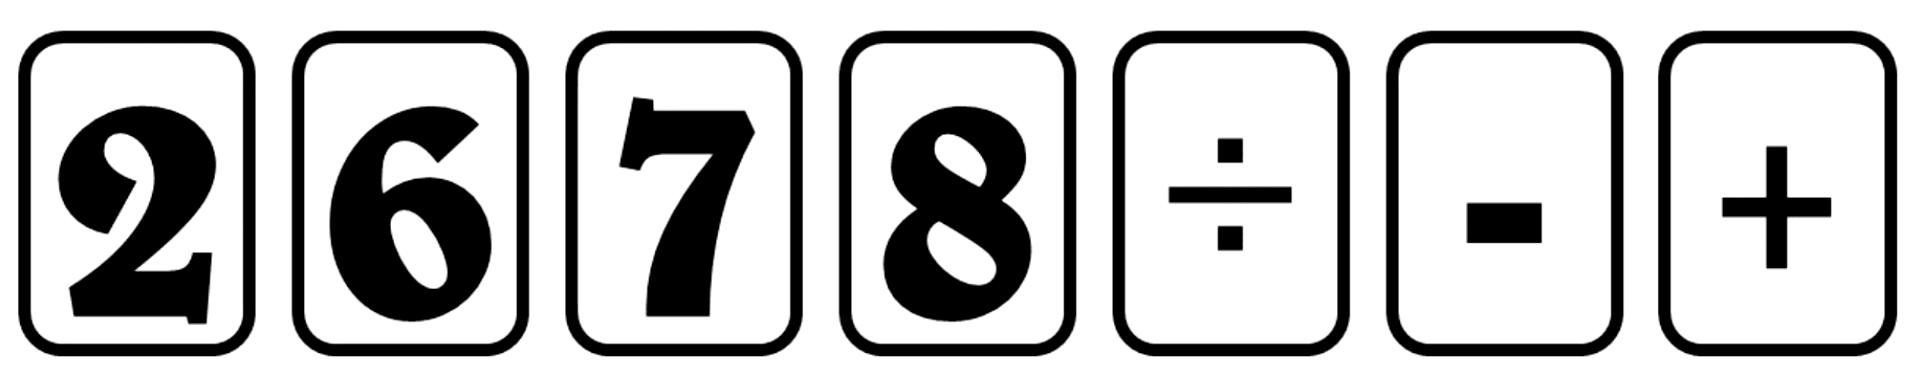 Năm câu đố thử tài tính nhanh - 4